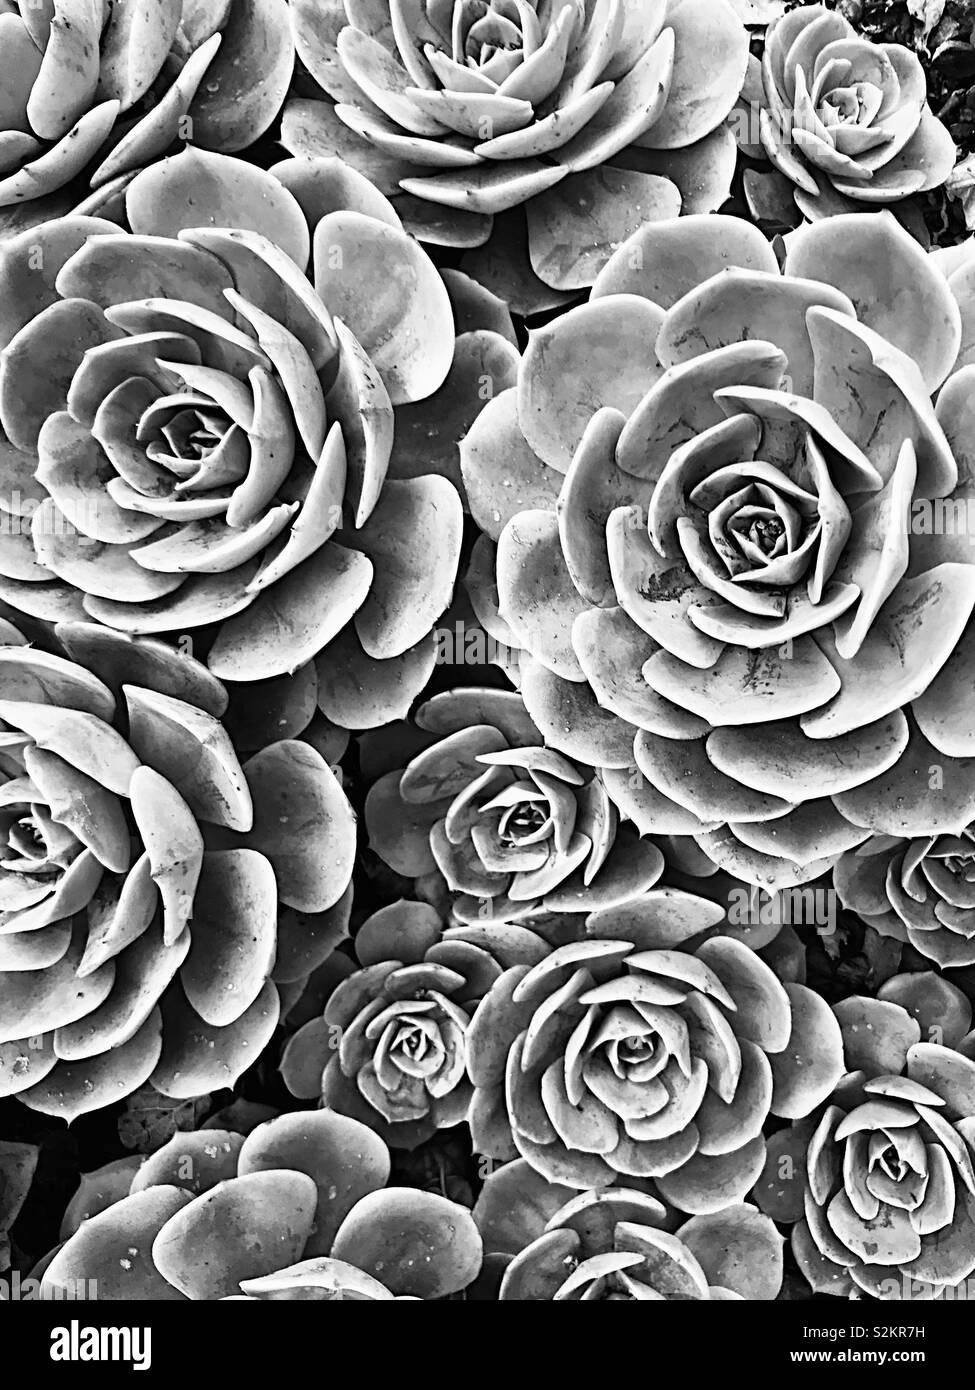 Plantes Succulentes en noir et blanc Banque D'Images